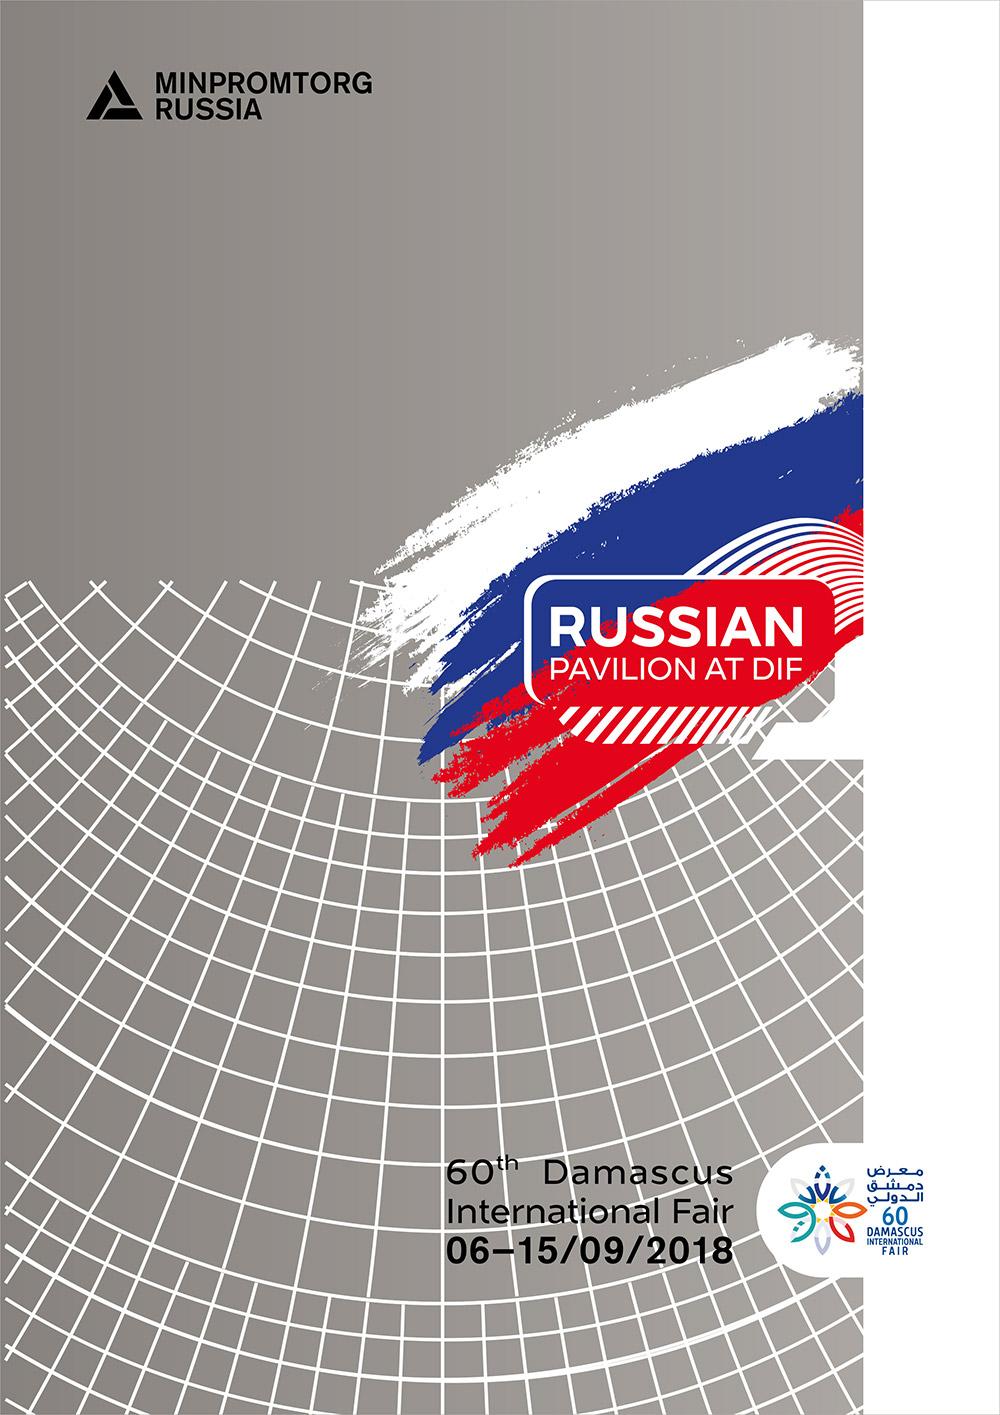 Каталог российской экспозиции на 60-ой Дамасской ярмарке